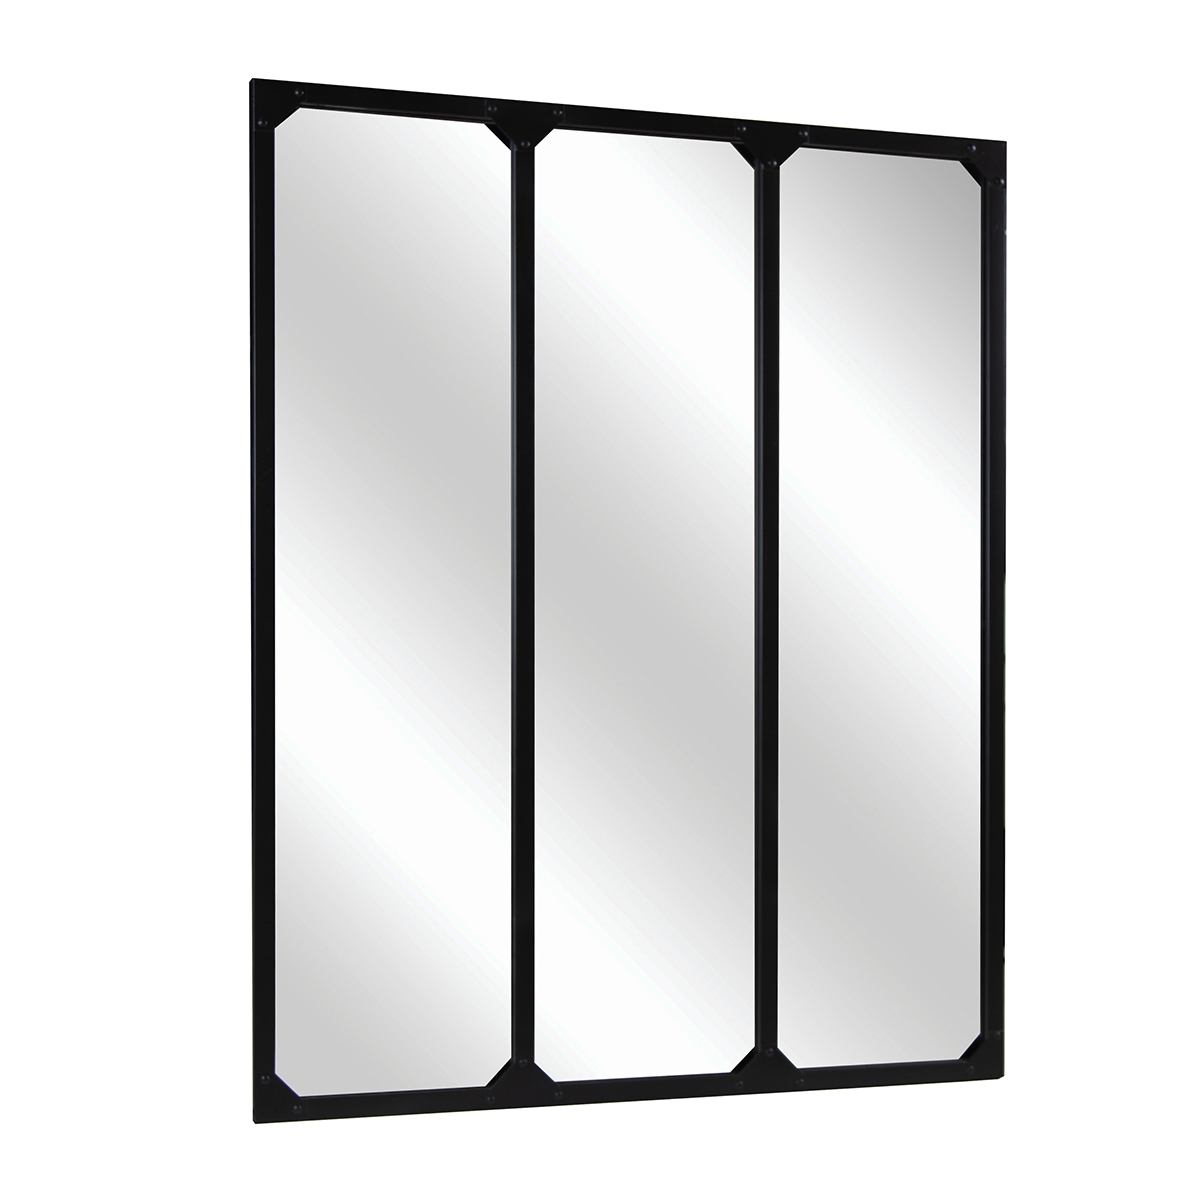 Charles Bentley Large Industrial Mirror Black 95x120cm